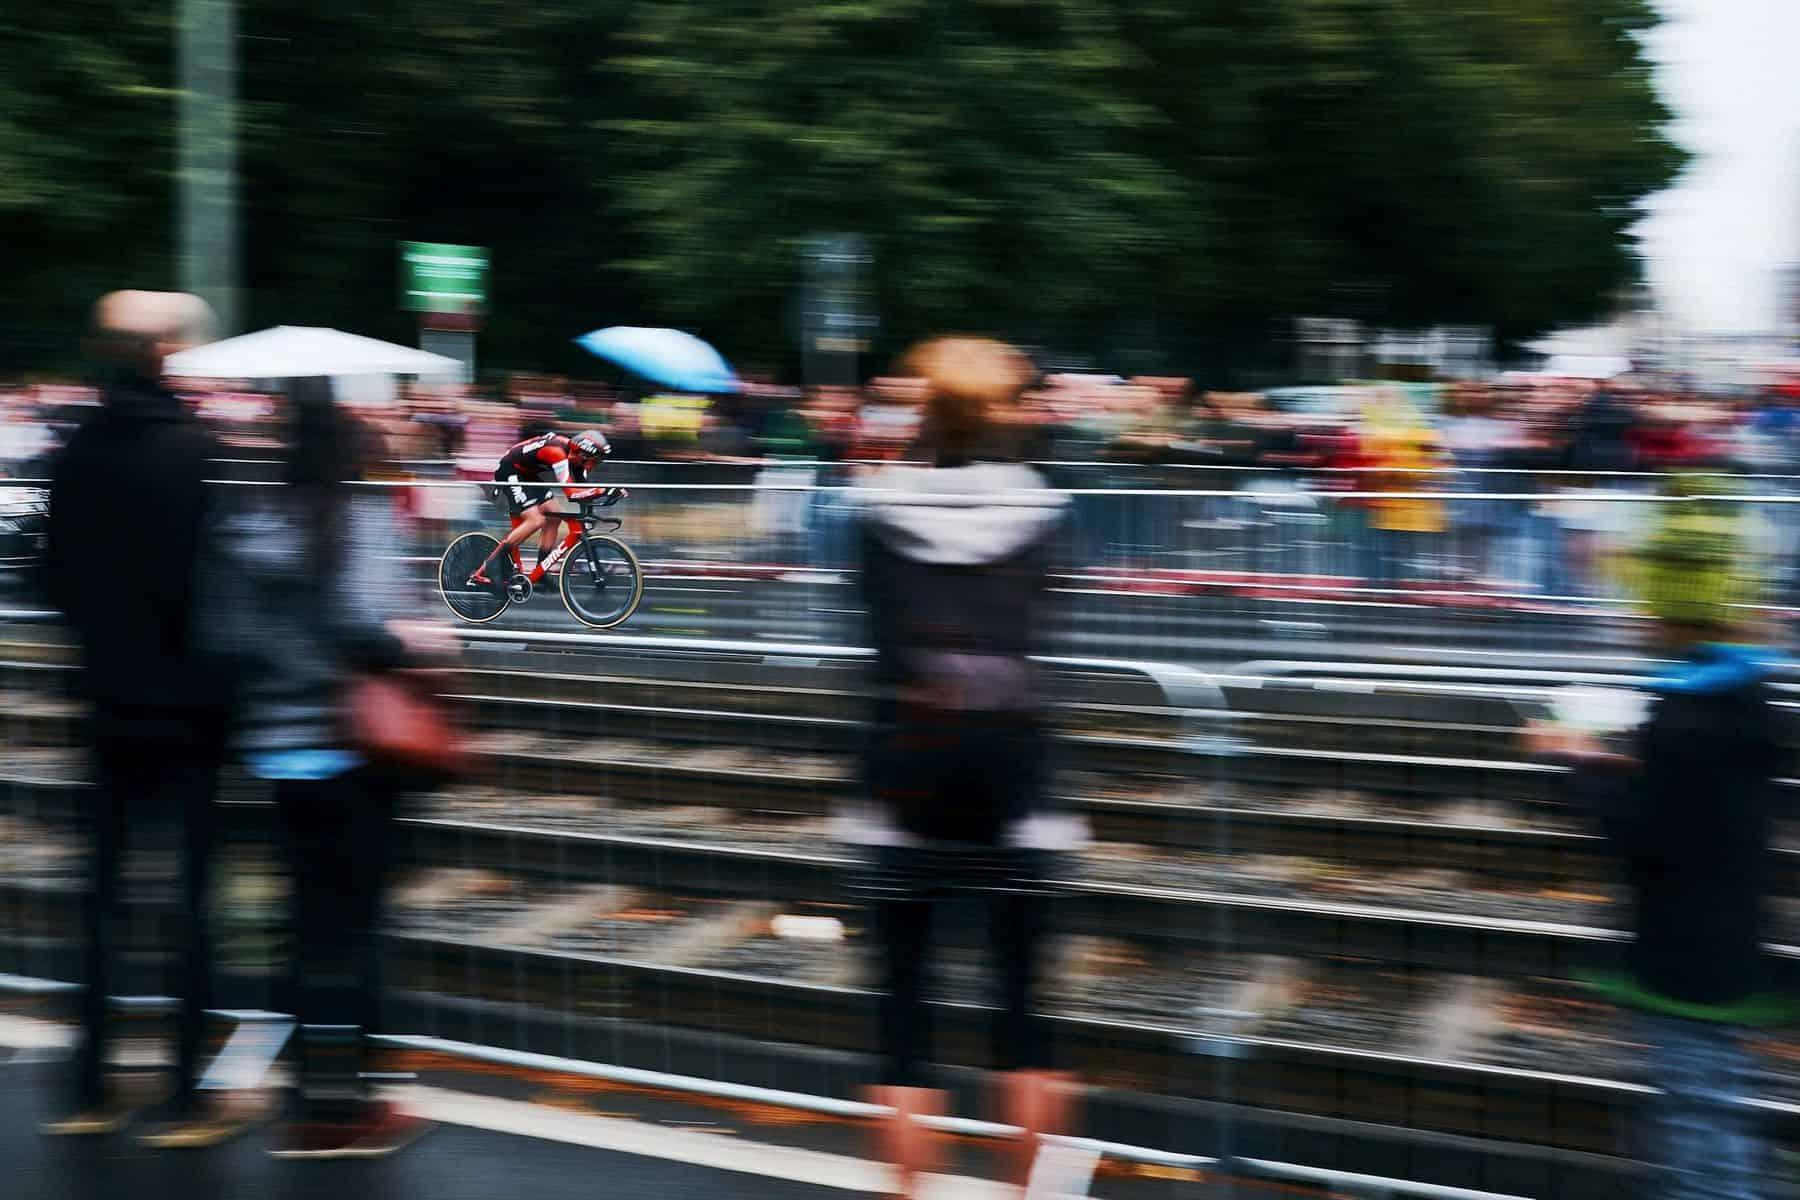 BdW07: Tour de France in Düsseldorf